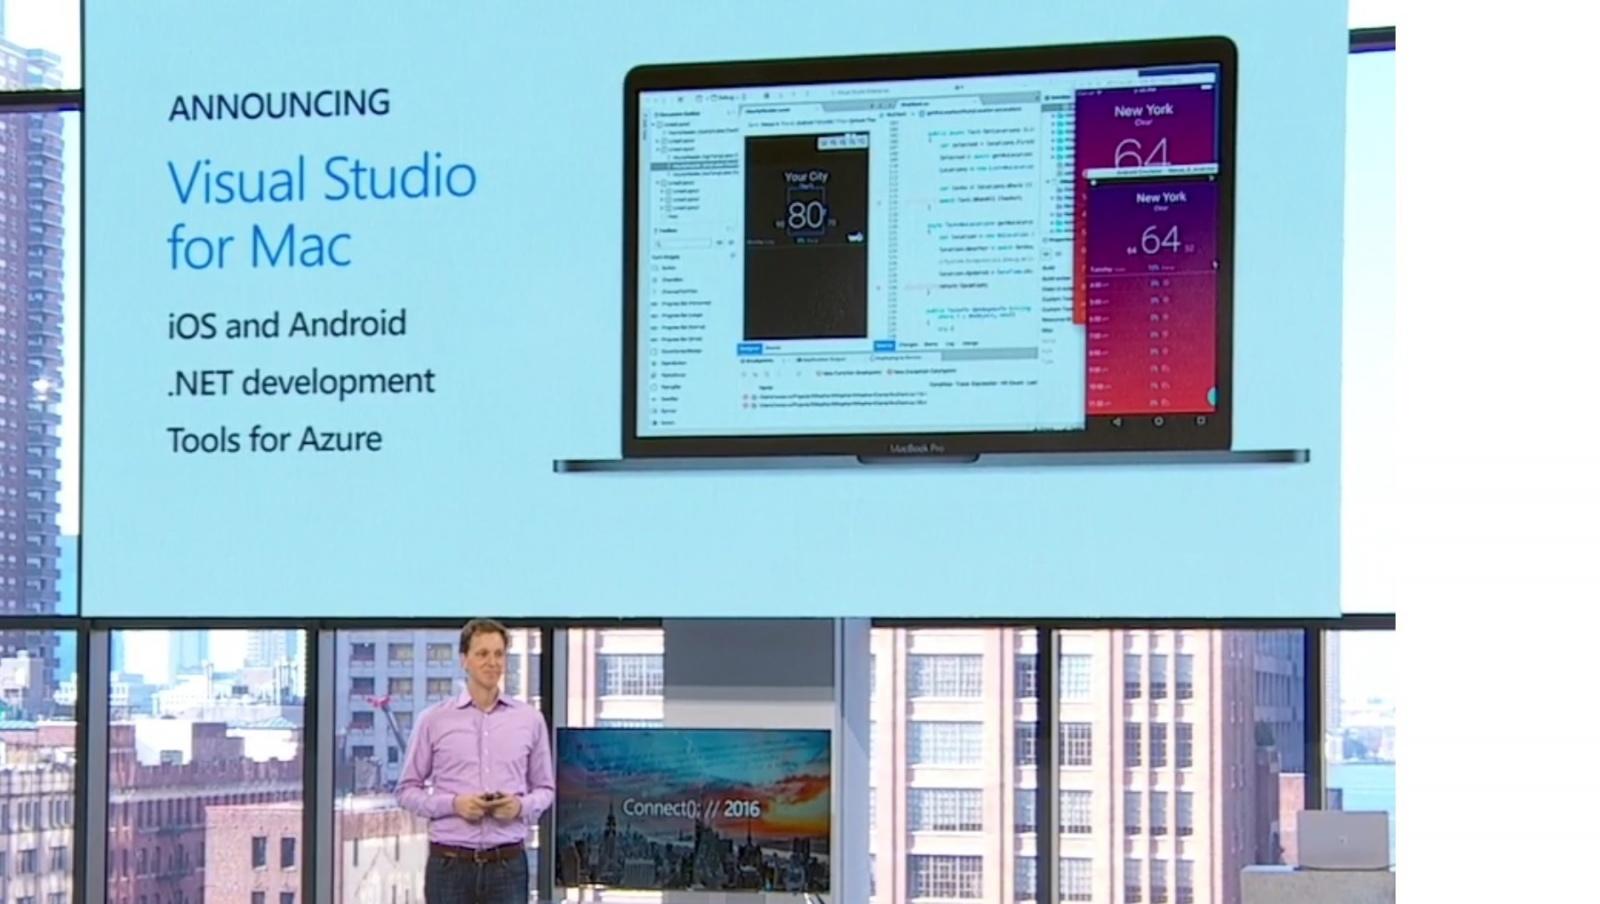 Visual Studio для Mac и другие новости конференции Connect(); --2016 - 3